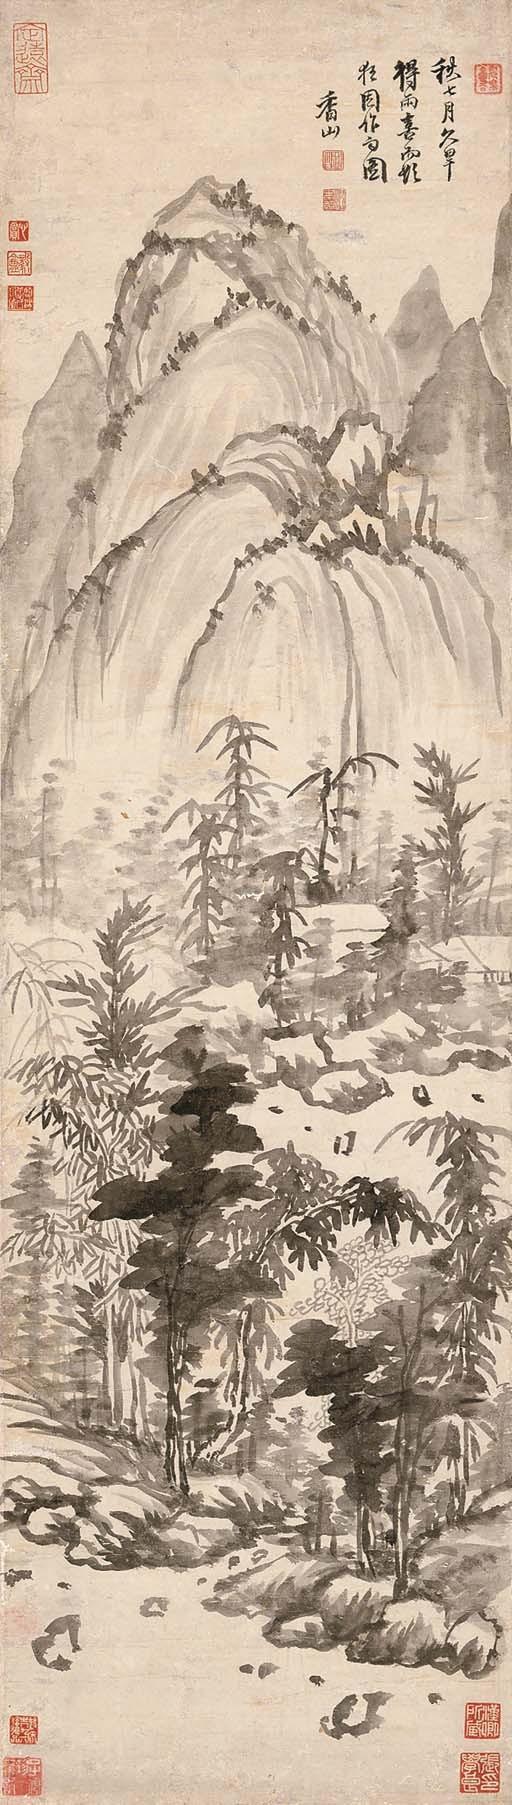 YUN XIANG (1586-1655)